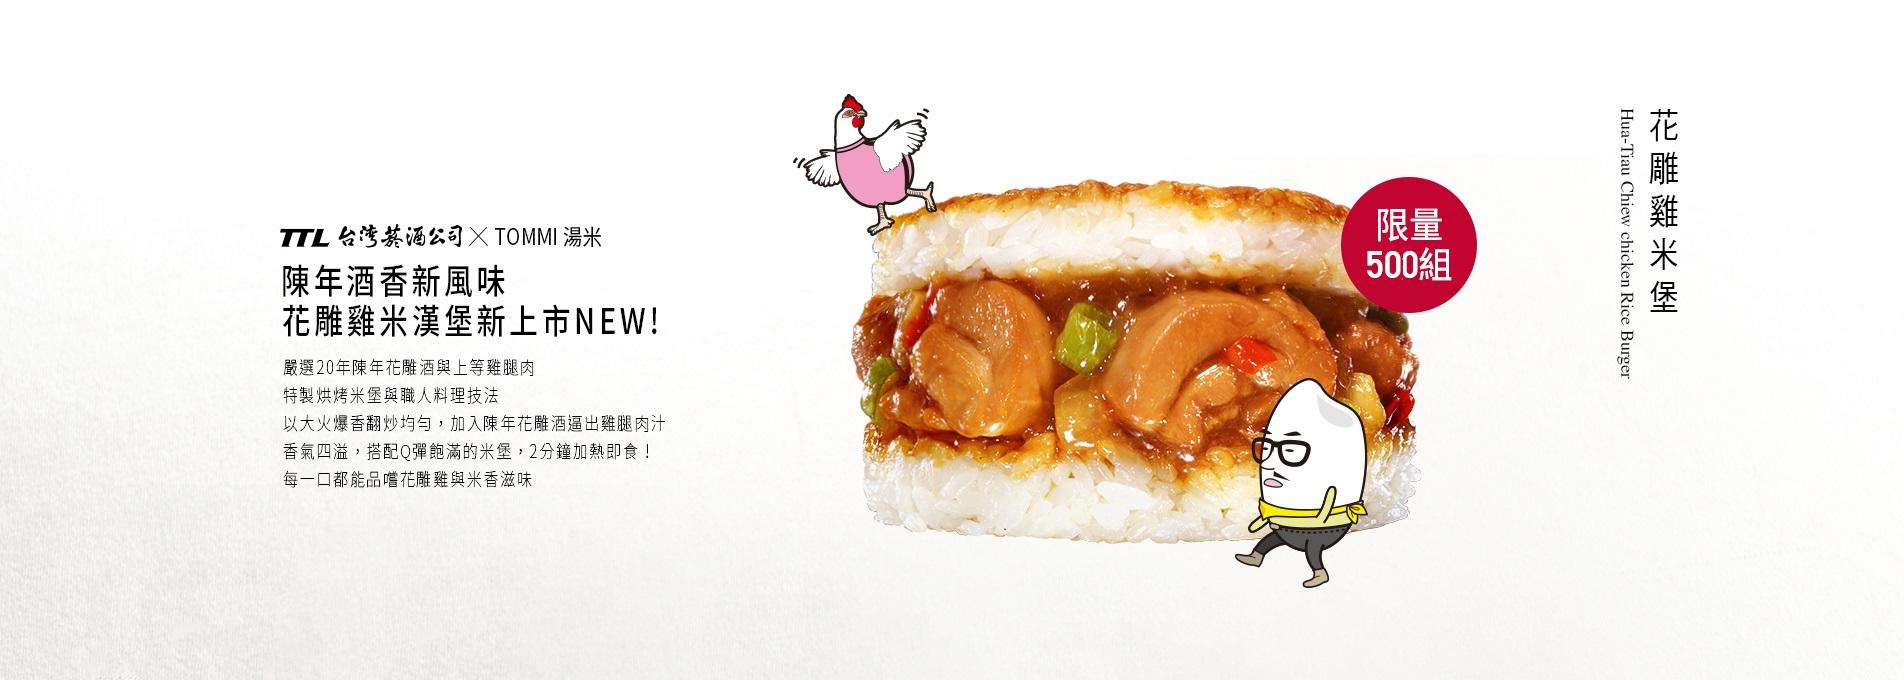 台酒嚴選TOMMI湯米 花雕雞米漢堡(10入)